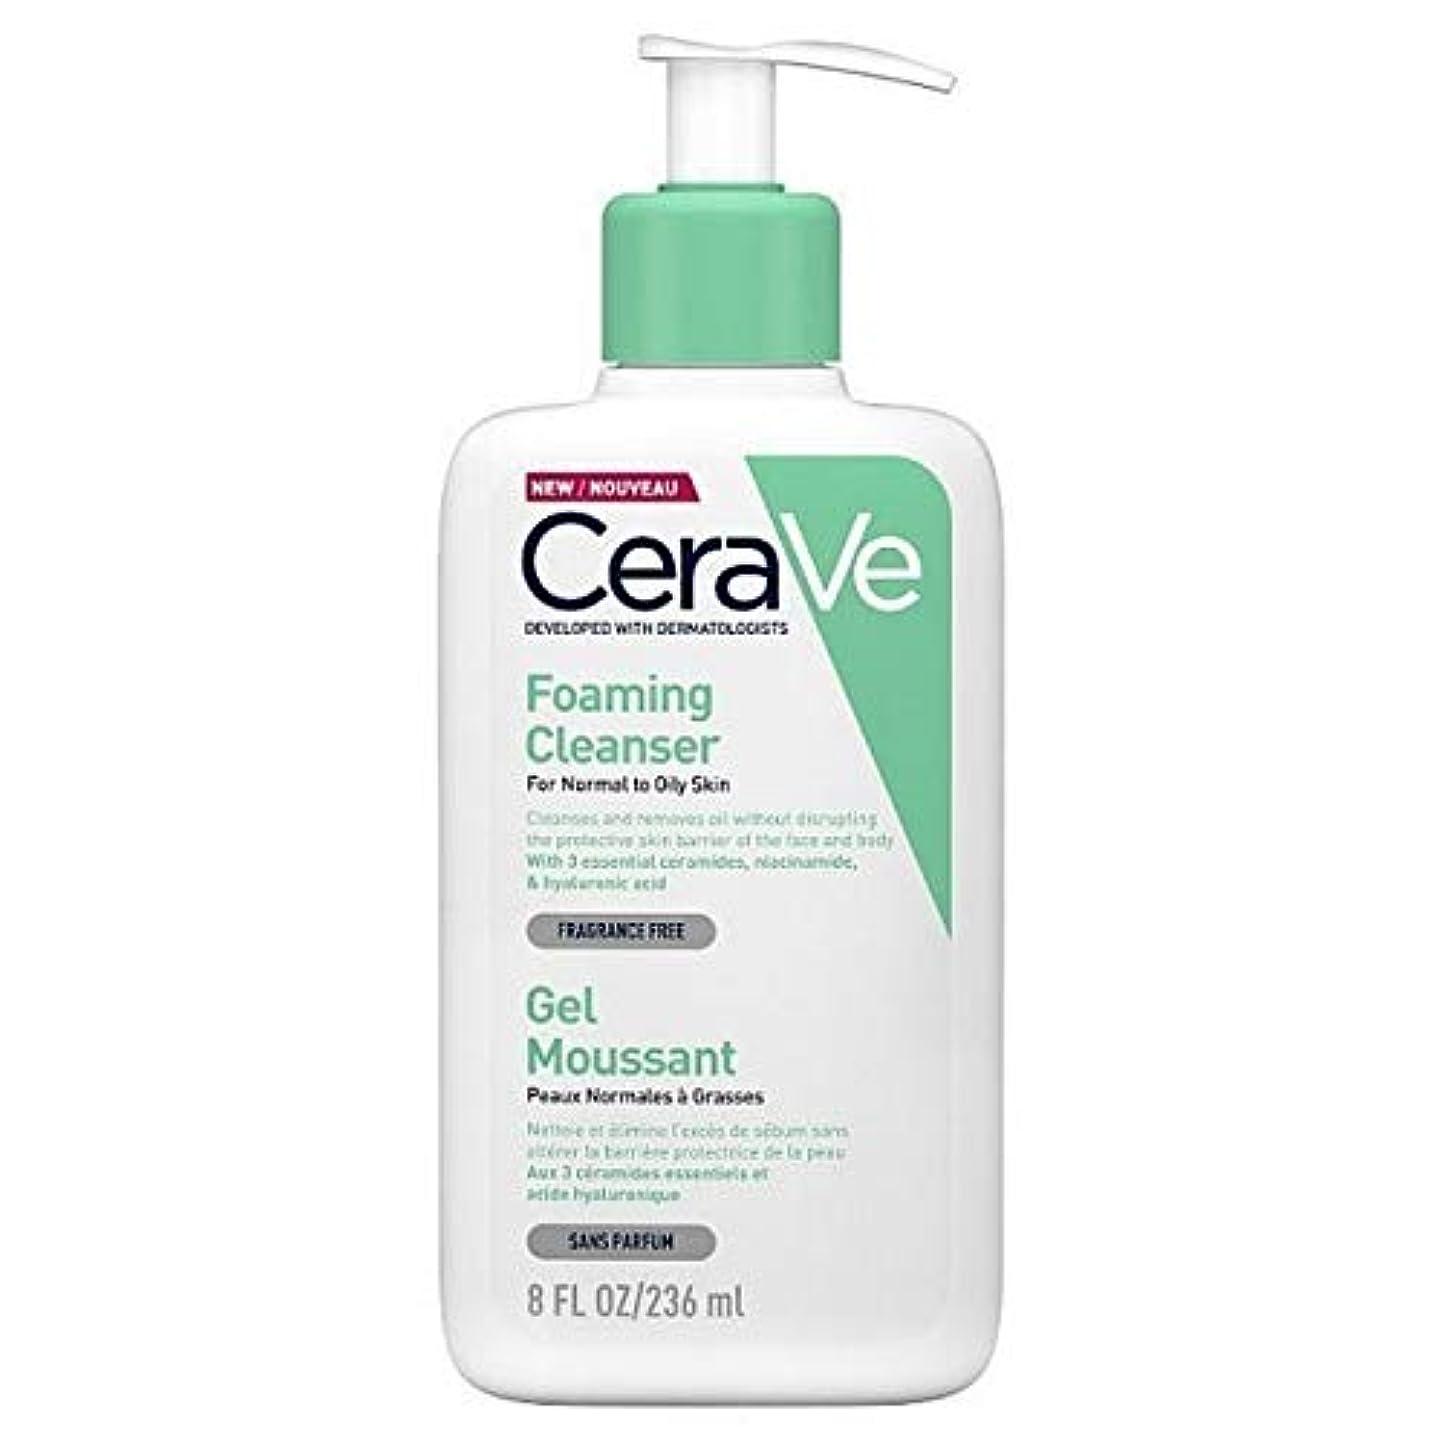 割り当て完全にオペレーター[CeraVe] Ceraveフォーミングクレンザーの236ミリリットル - CeraVe Foaming Cleanser 236ml [並行輸入品]